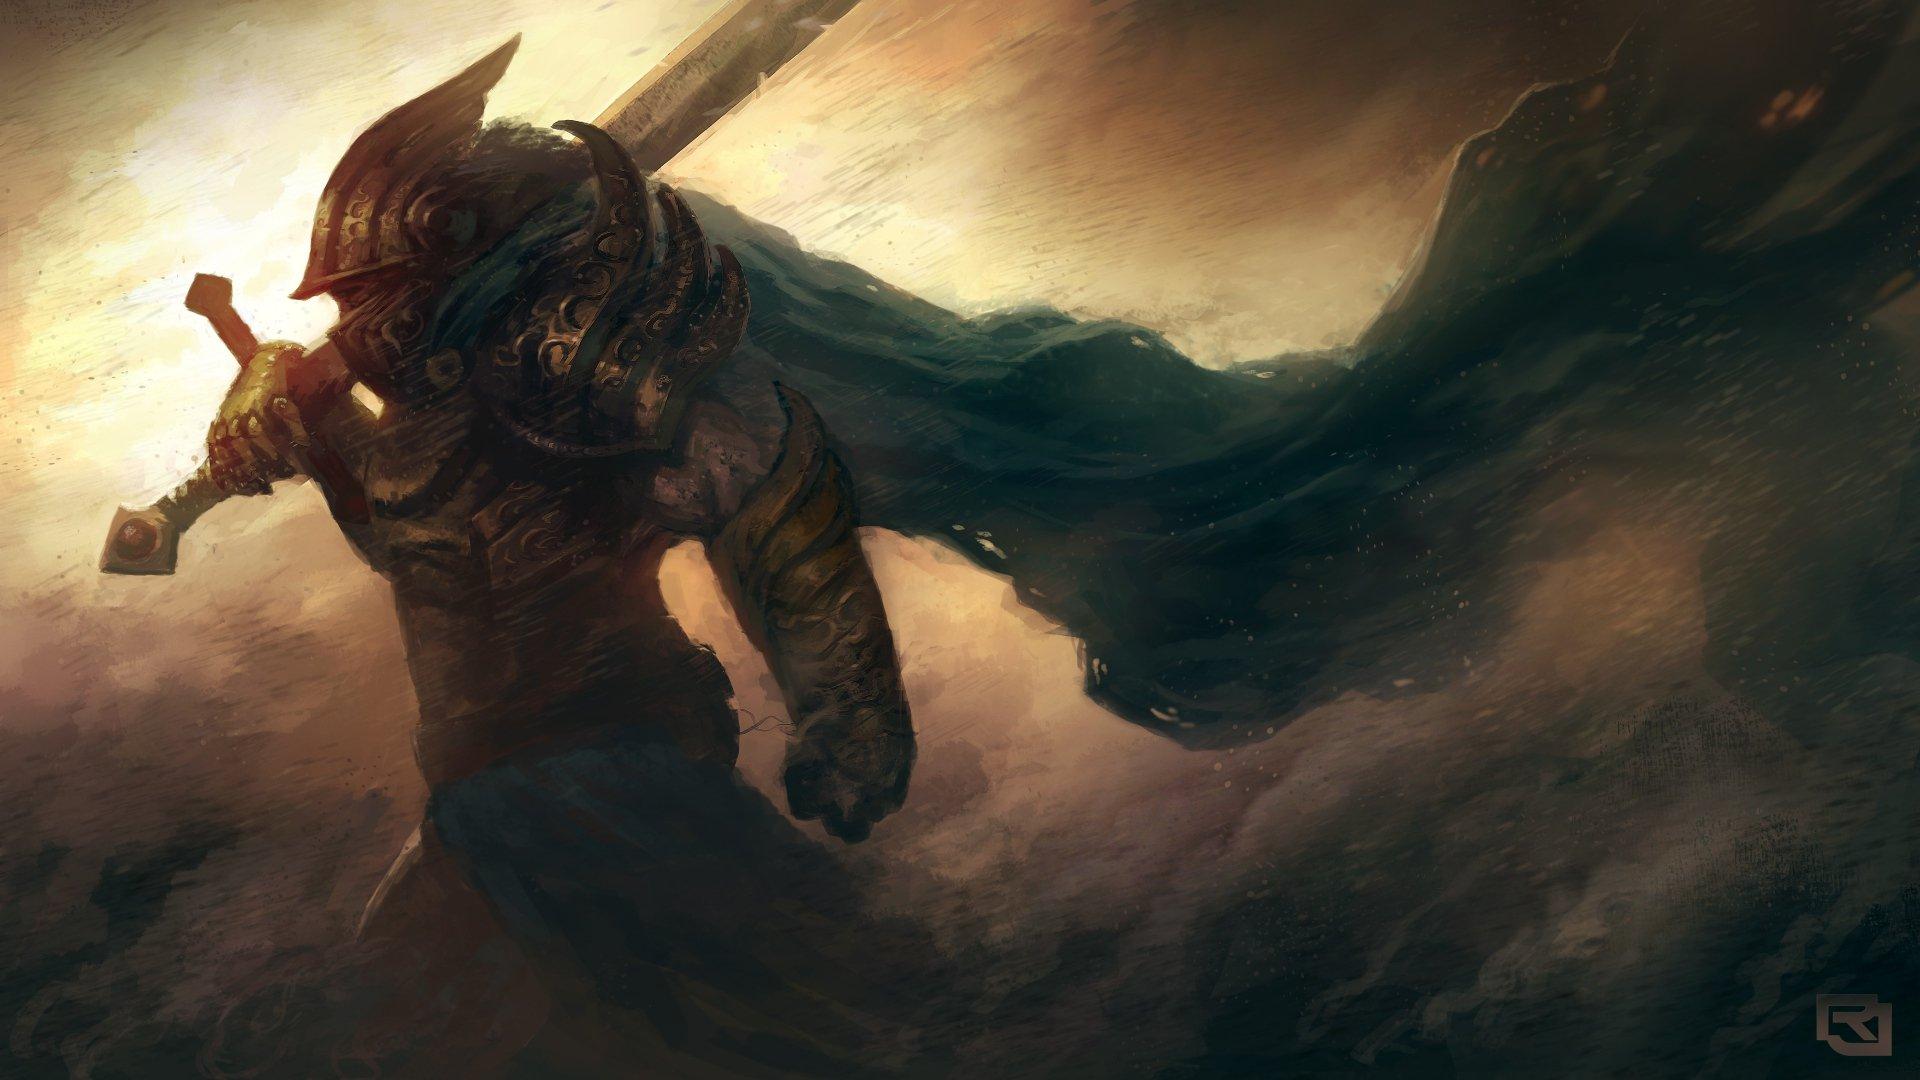 art_warrior_armor_helmet_sword_wind_storm_95288_1920x1080